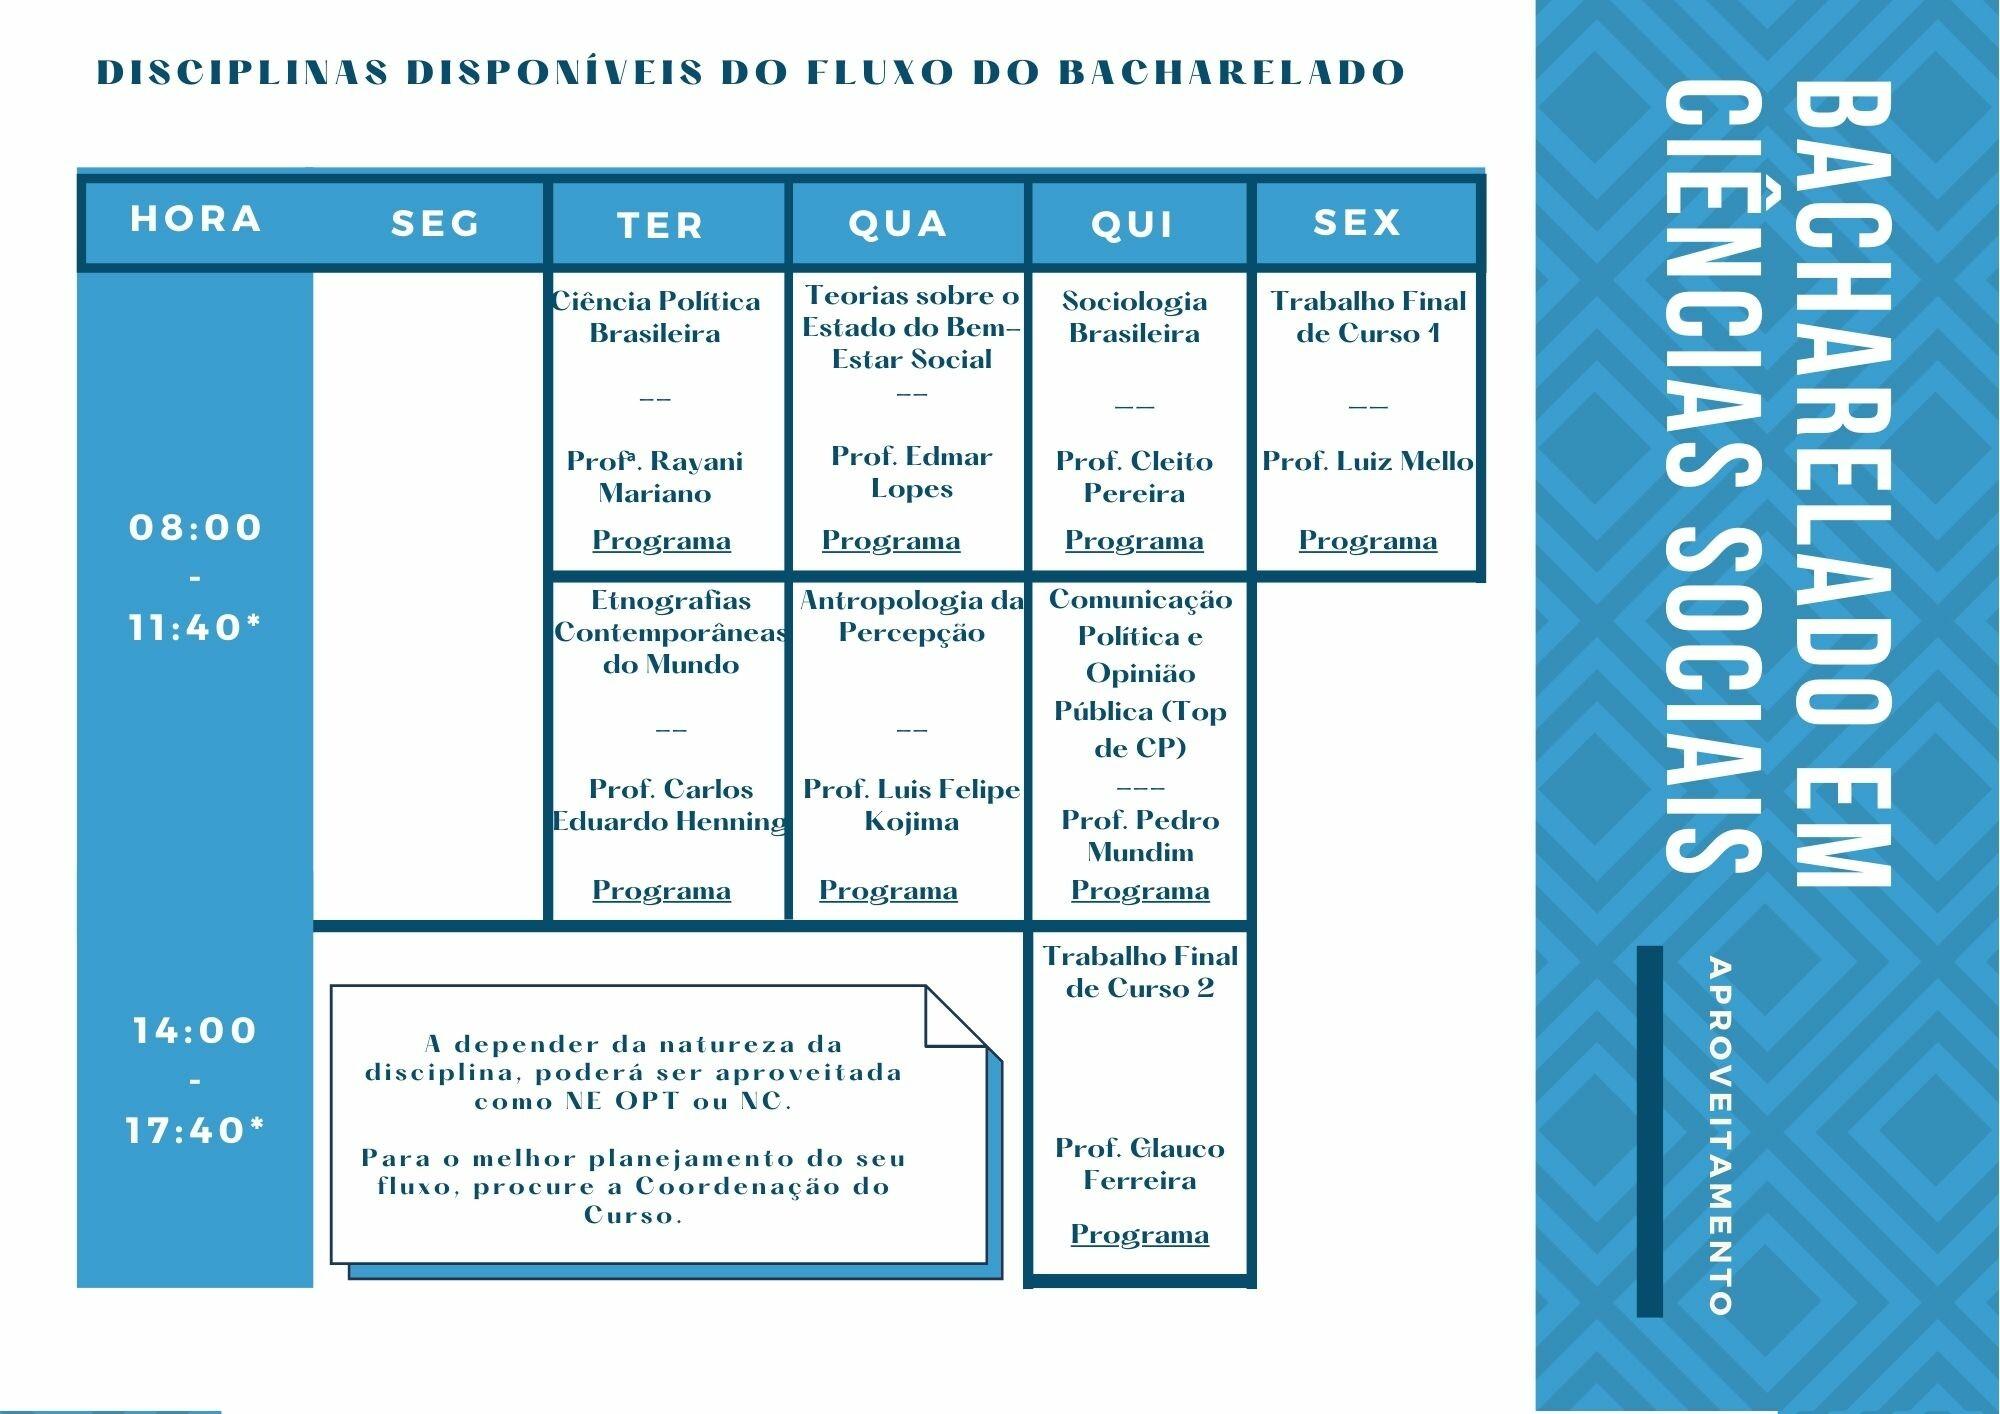 Disciplinas Bacharelado - Aproveitamento